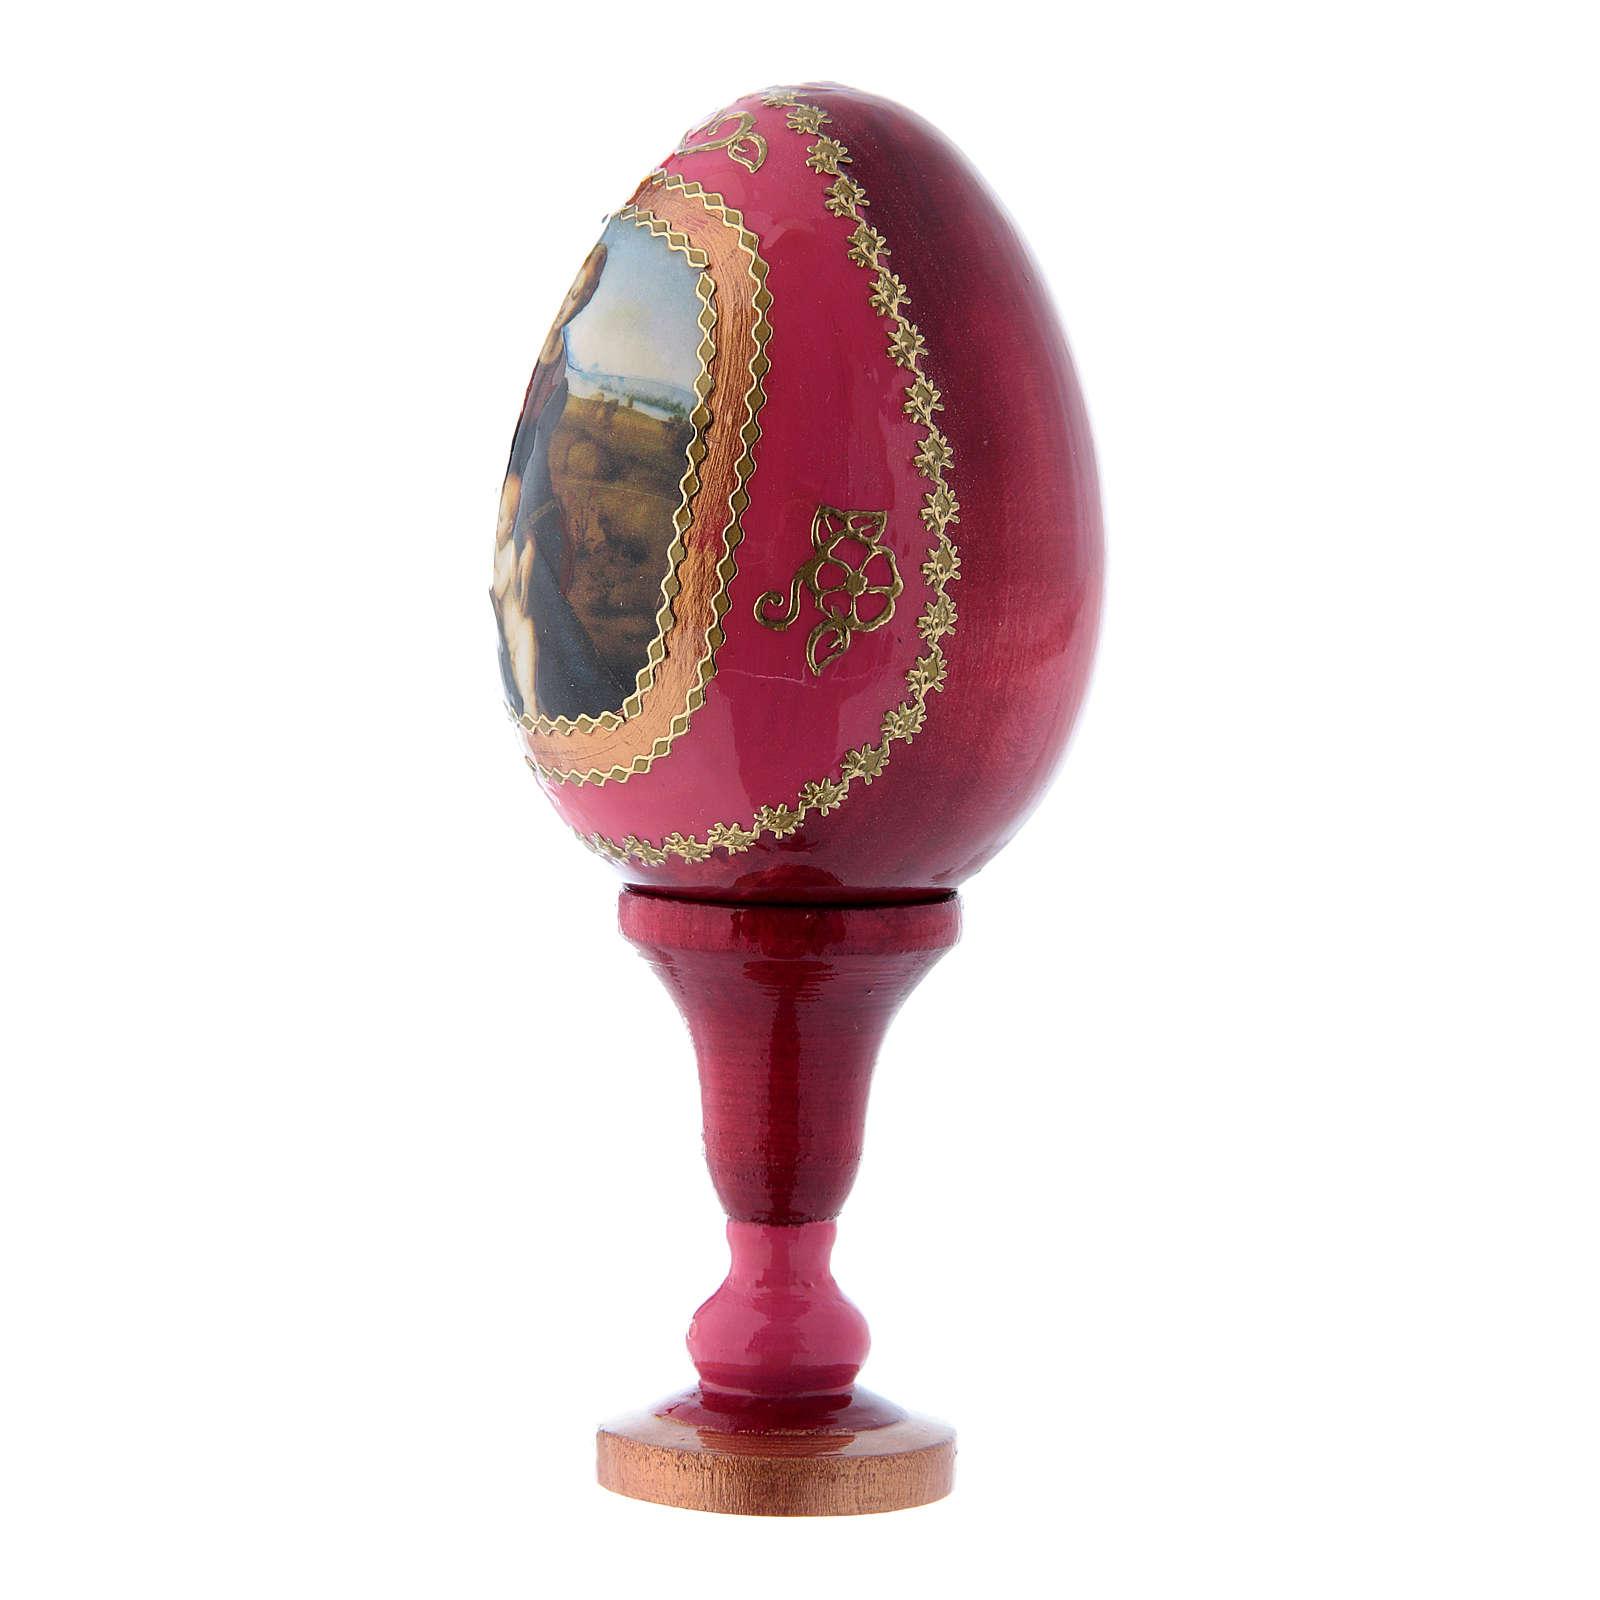 Huevo de madera ruso decoupage rojo La Virgen del Belvedere h tot 13 cm 4